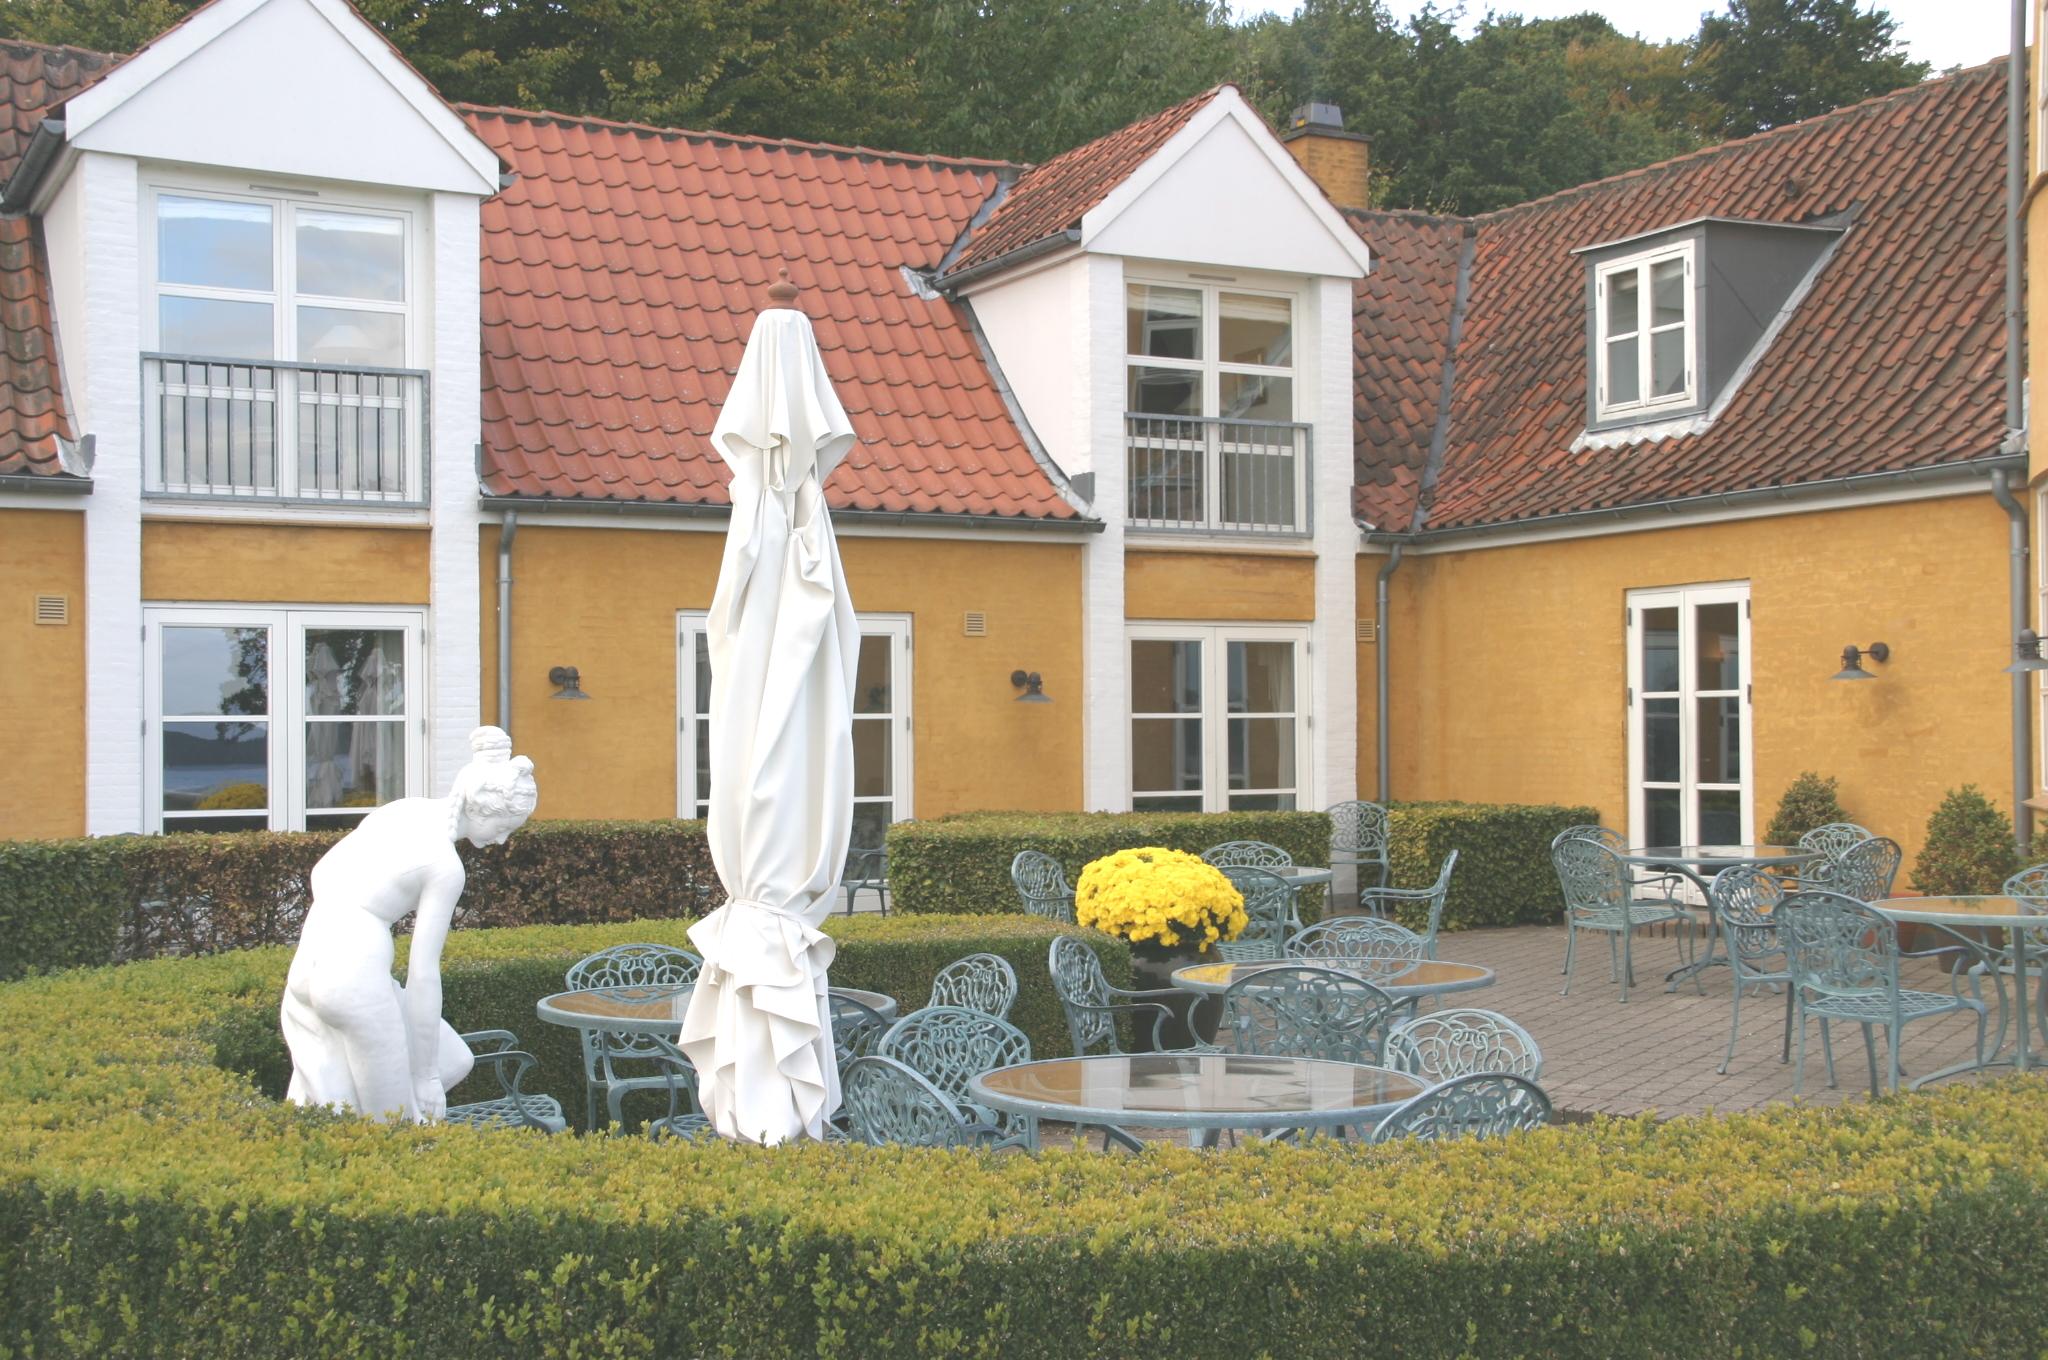 Hotel und Restaurant Fakkaelgaarden Foto: © Günter Meißner MEDIENINFO-BERLIN